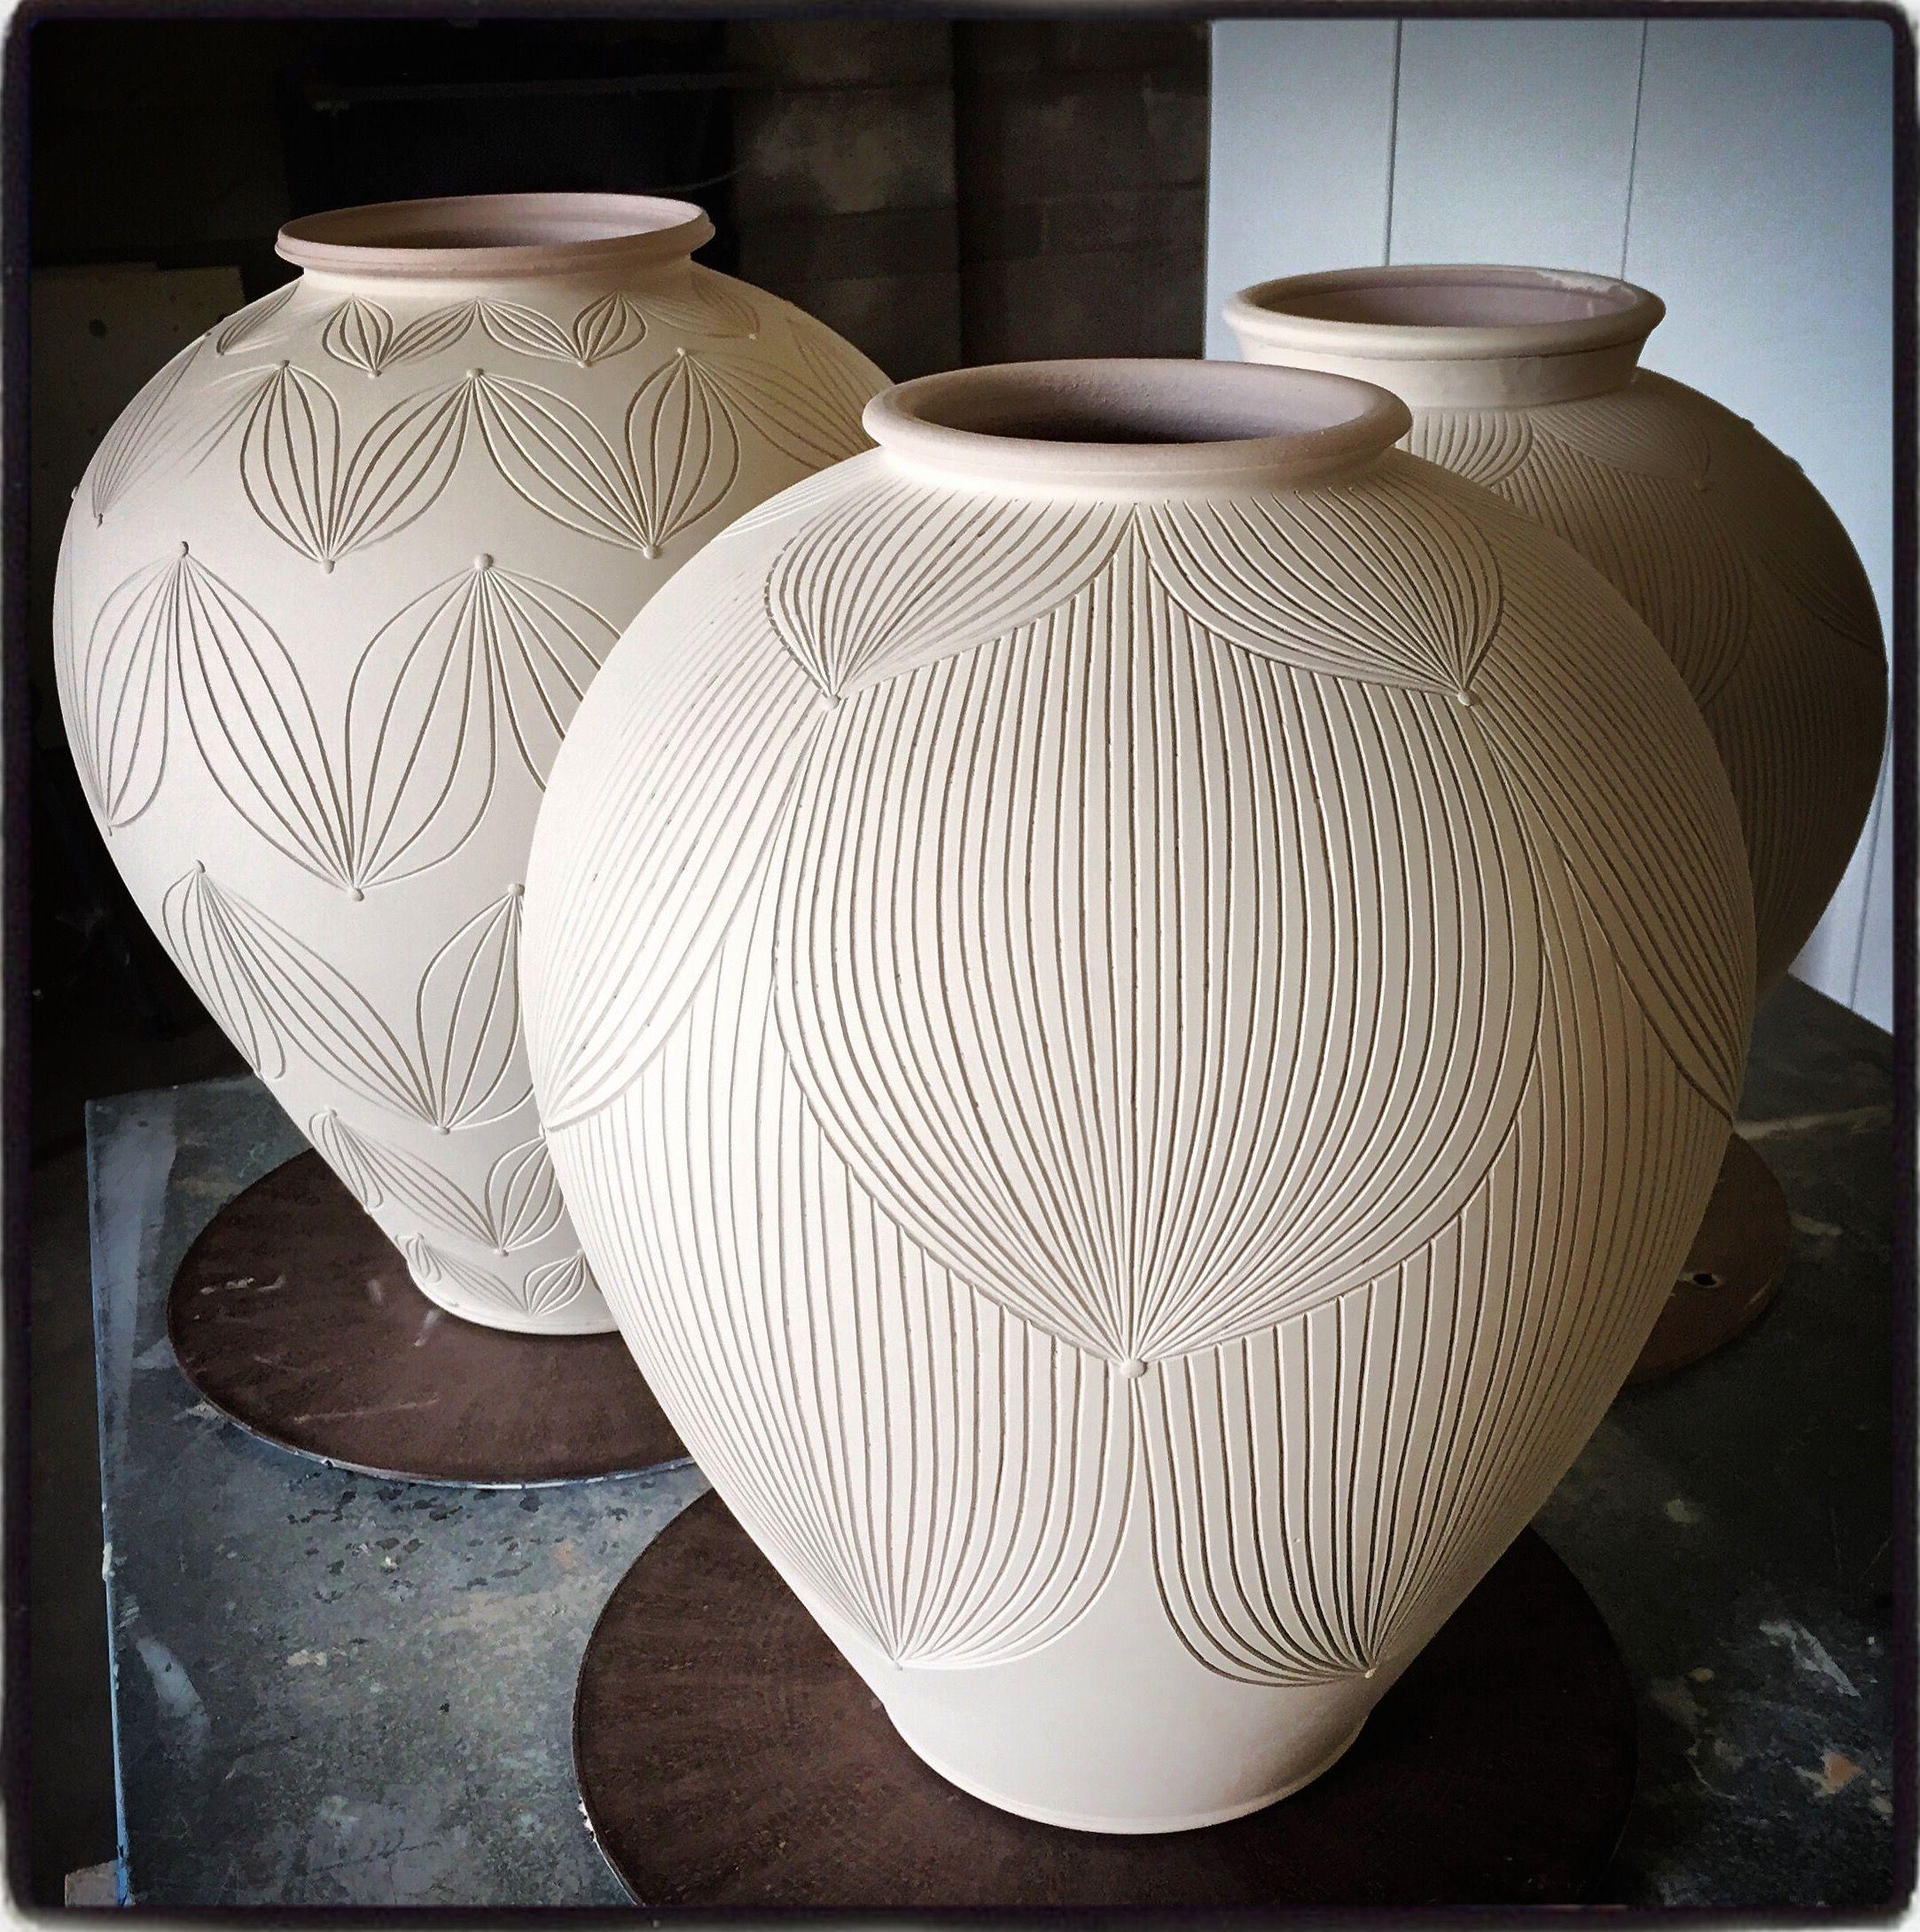 Field Adam 51 In 2020 Contemporary Ceramics Ceramic Art Ceramic Texture